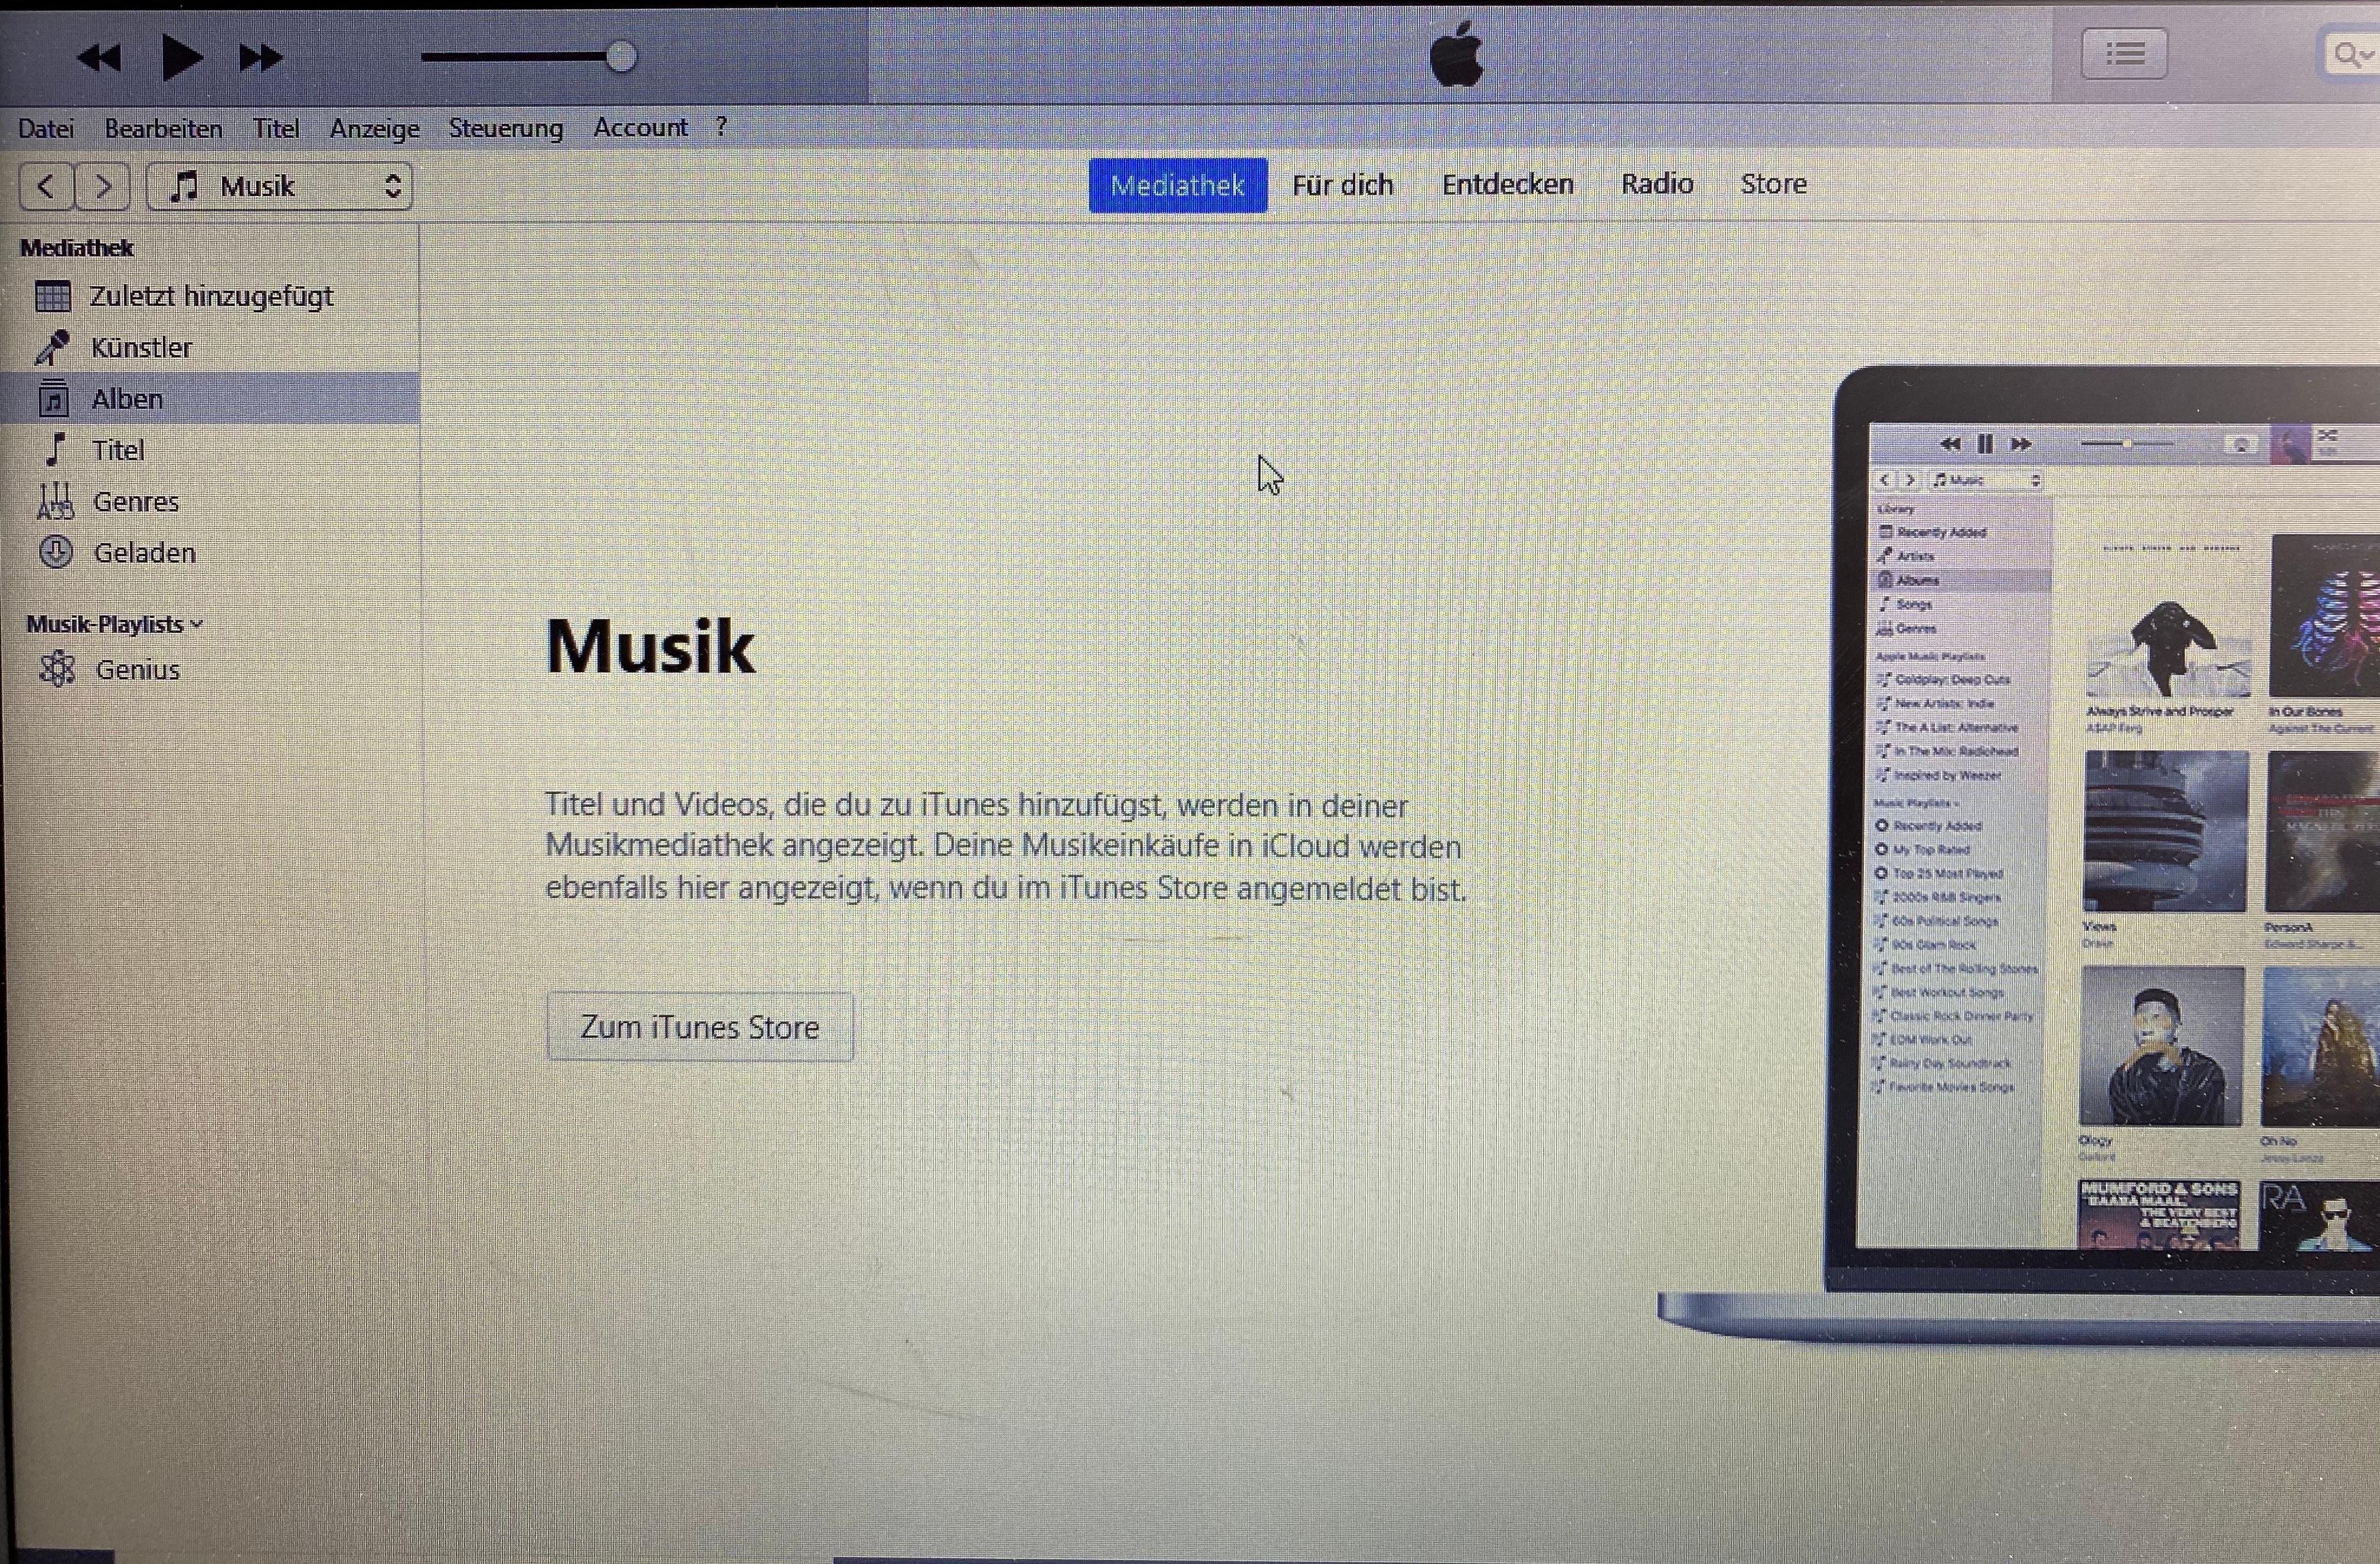 Id apple jailbreak vom ohne vorbesitzer iphone aktivieren iPhone